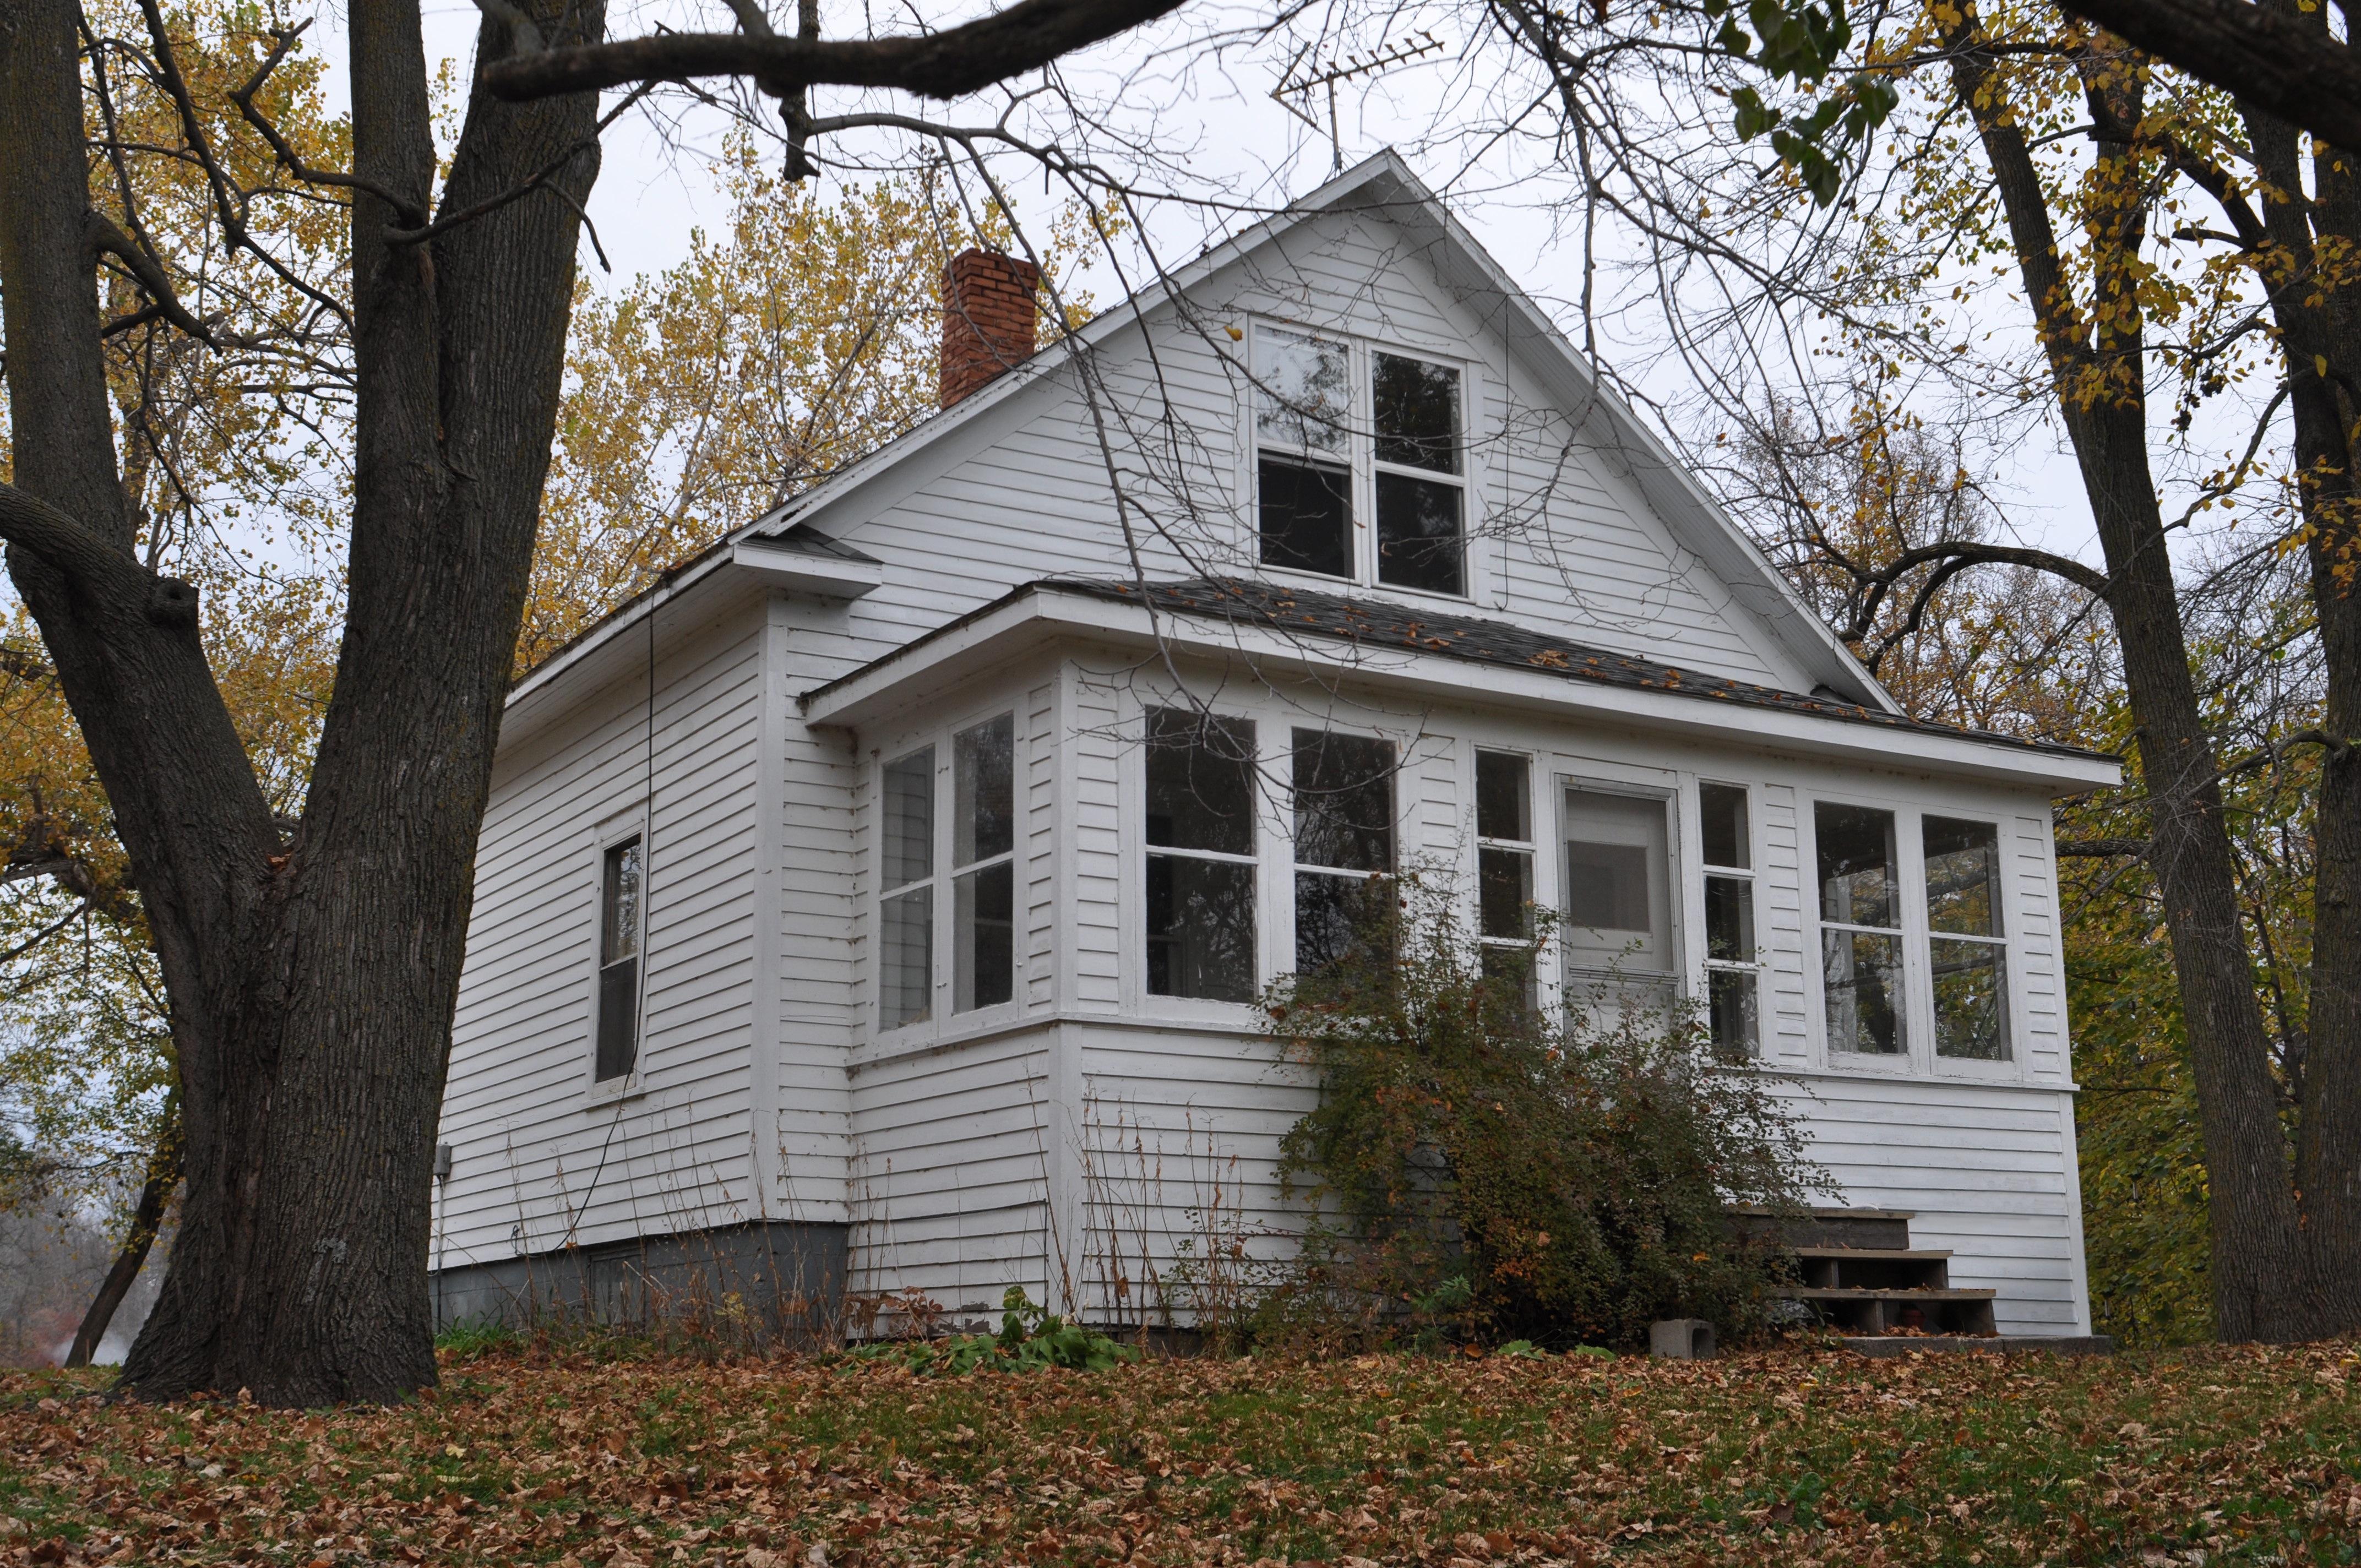 9884 Chippewa Hts, Brandon, Minnesota 56315